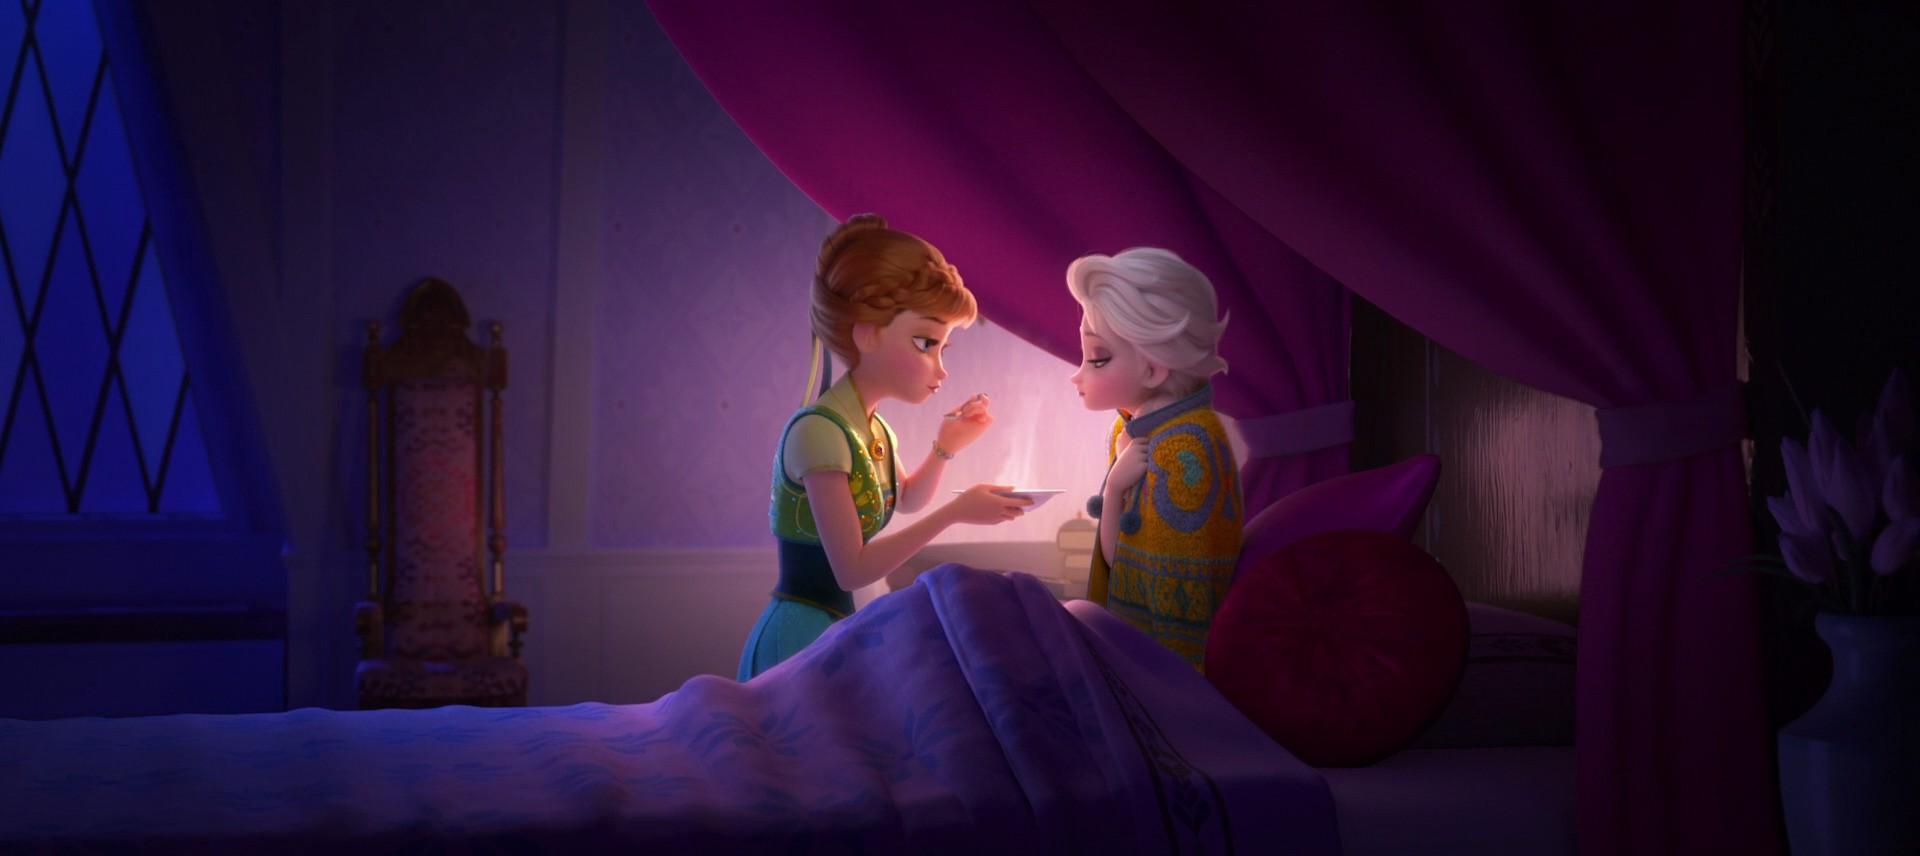 Frozen 2015 Full Movie Frozen Fever Full Movie Online Youtube